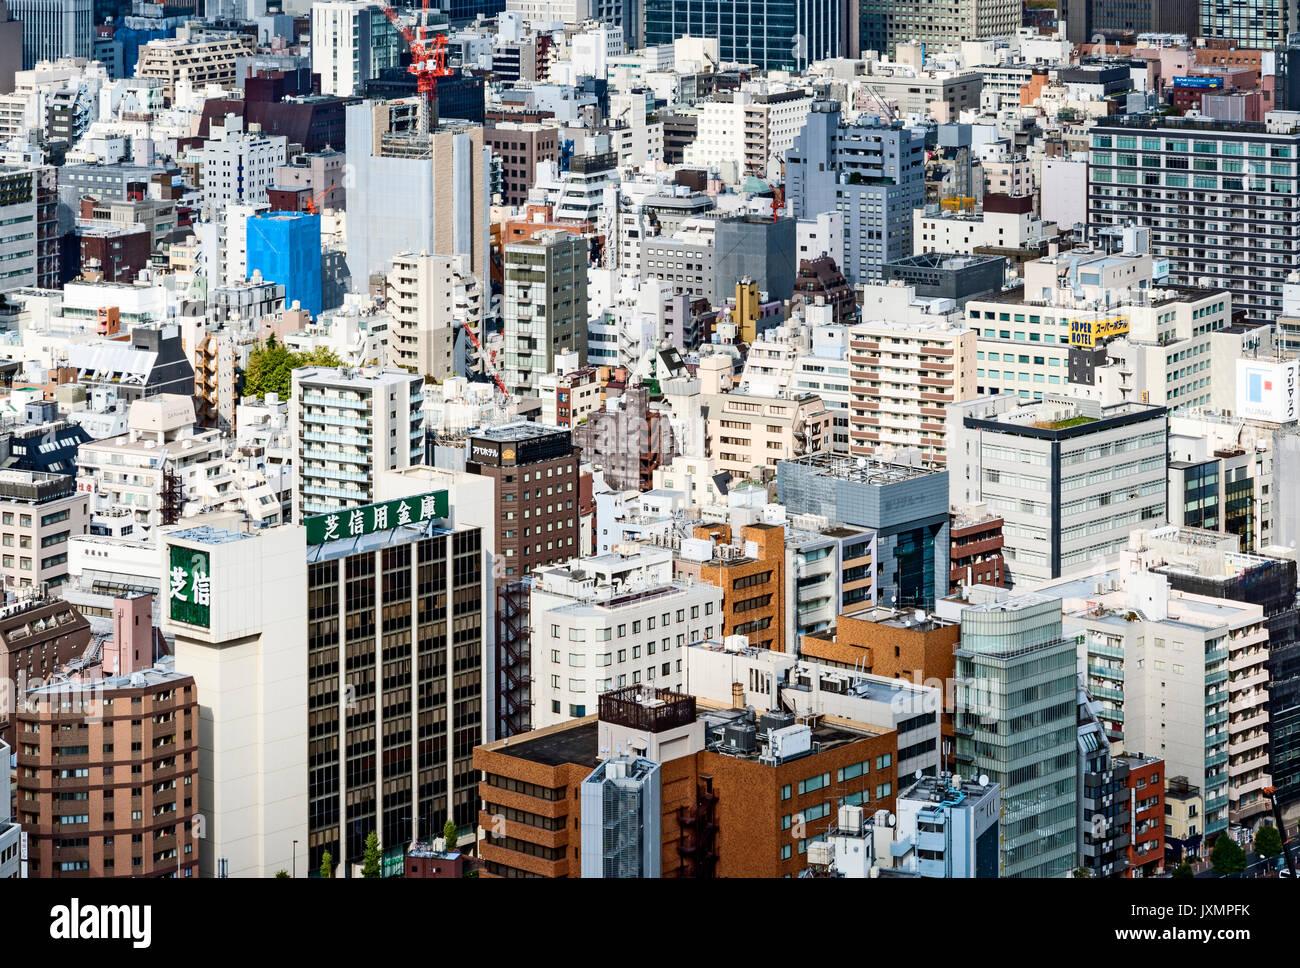 Vue aérienne des bâtiments de Tokyo Japon Photo Stock